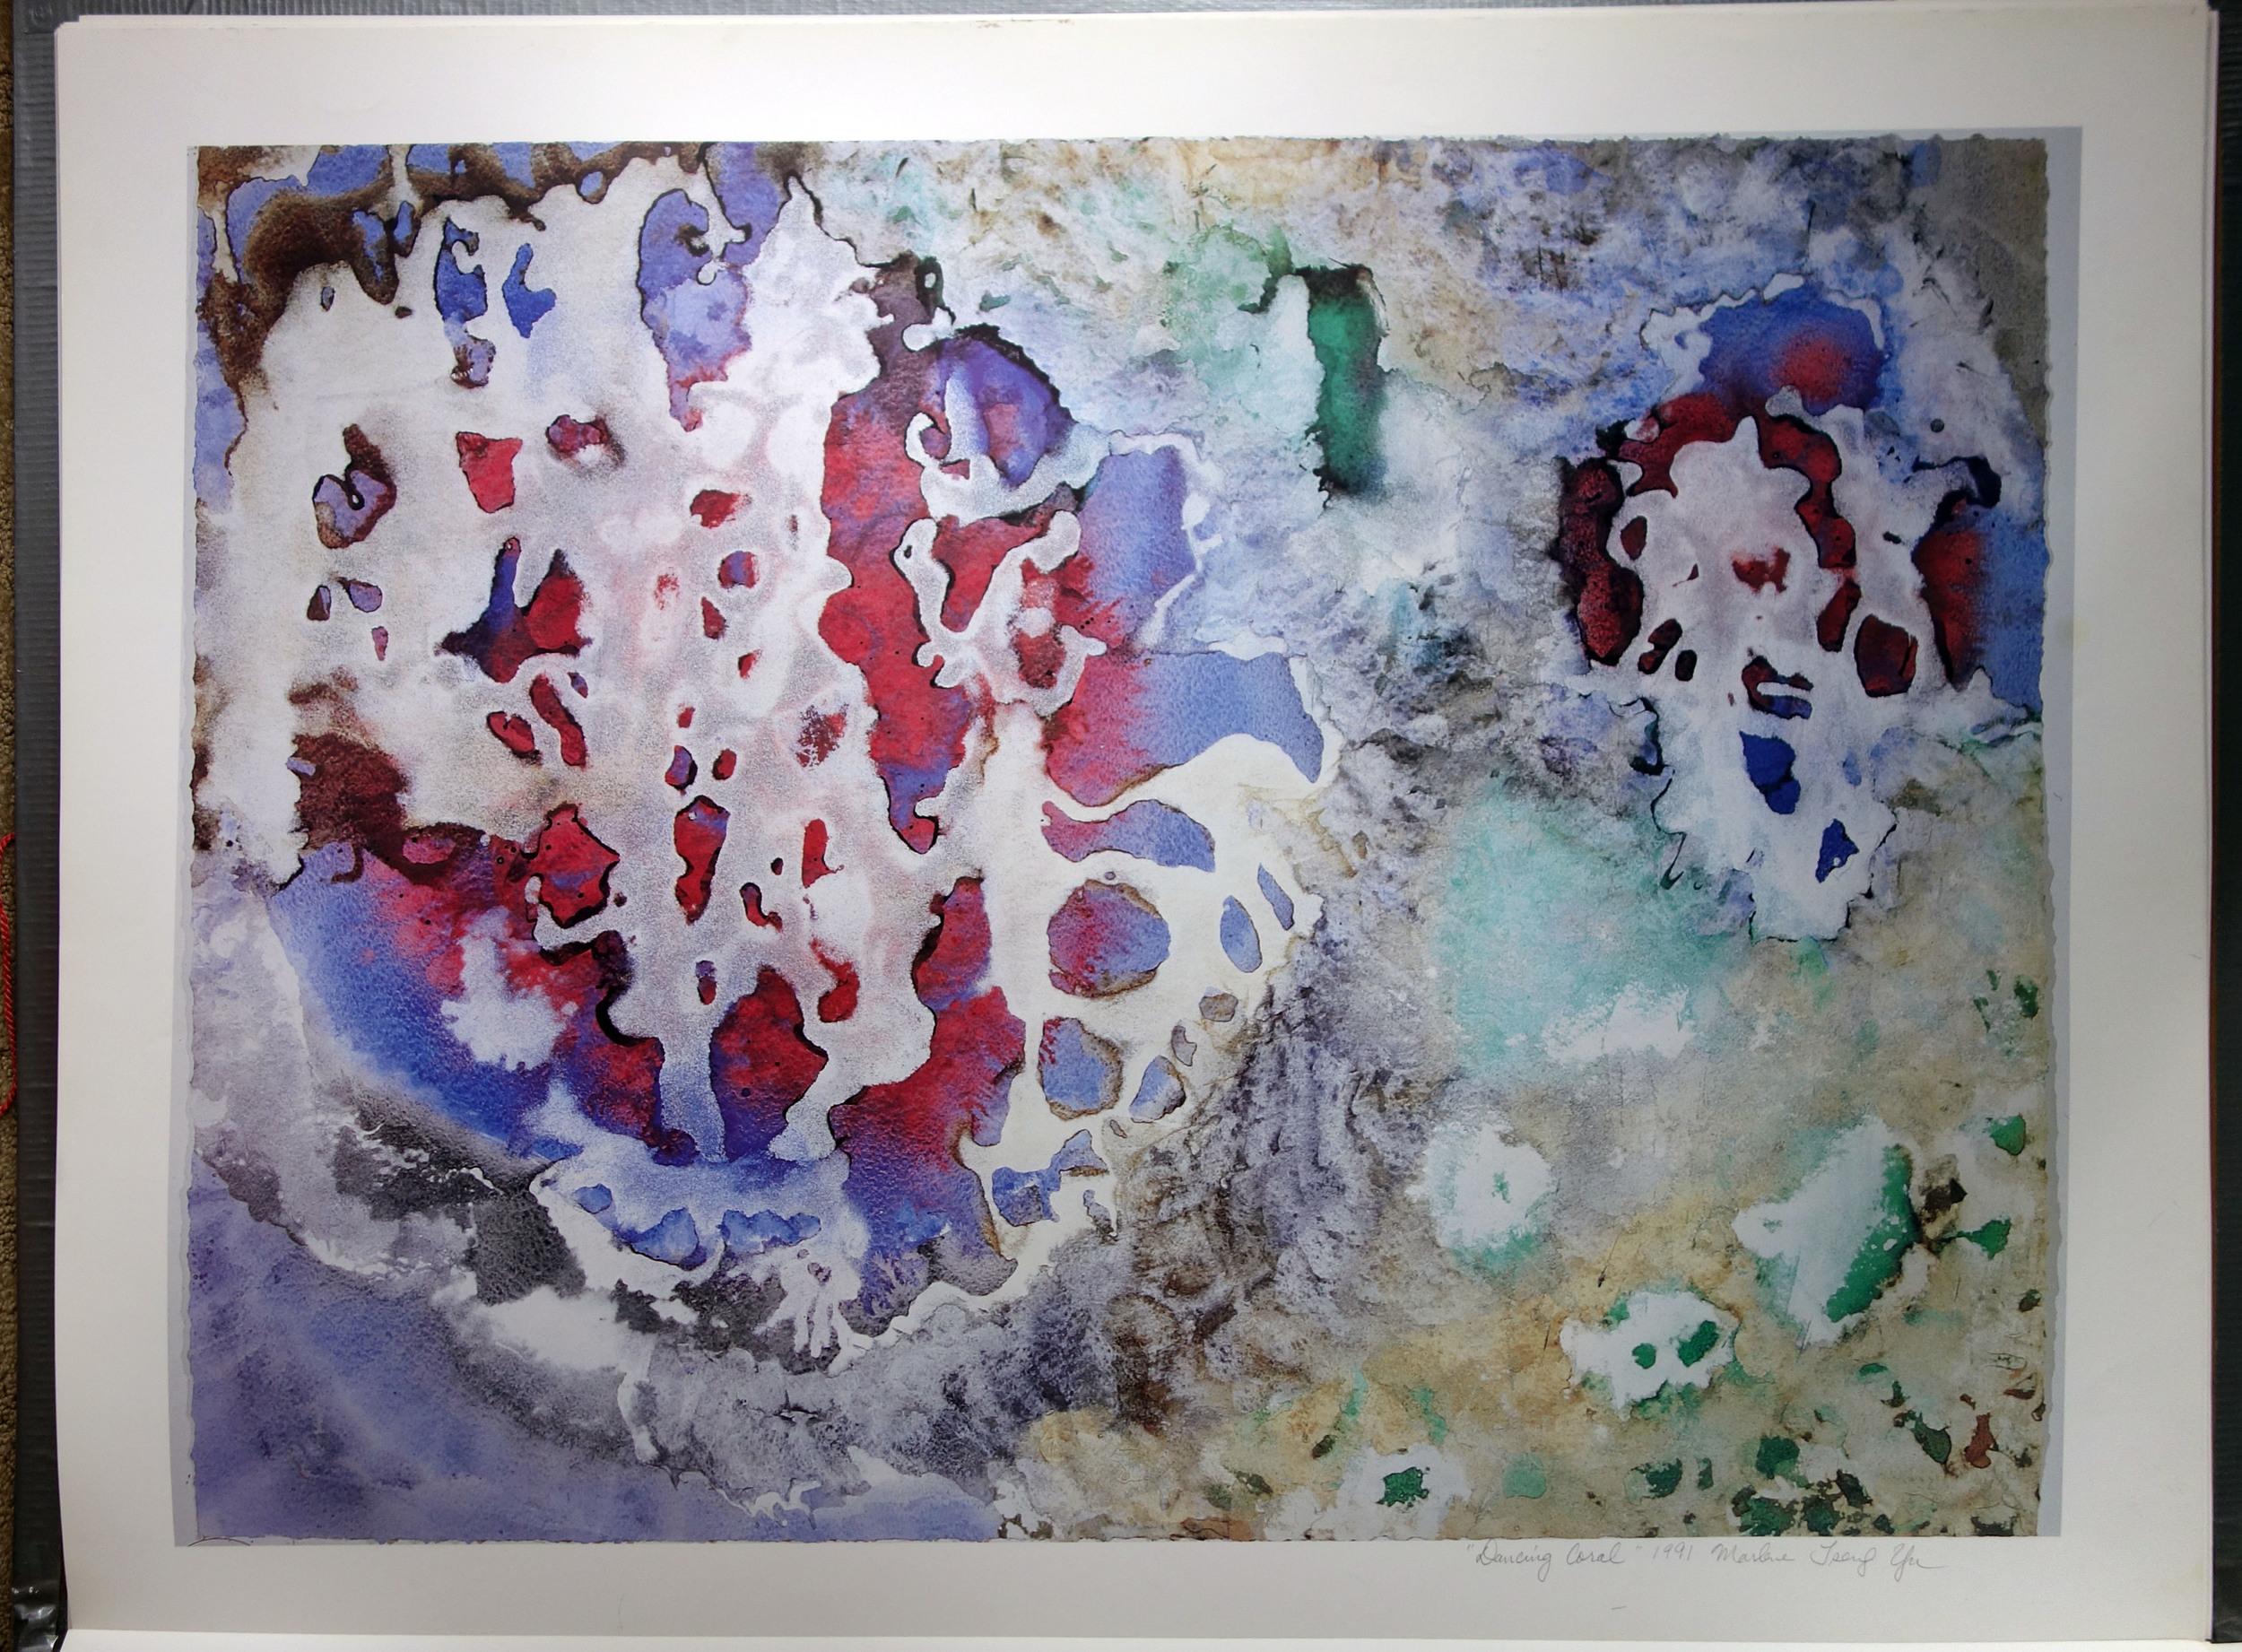 Dancing Coral, 1991